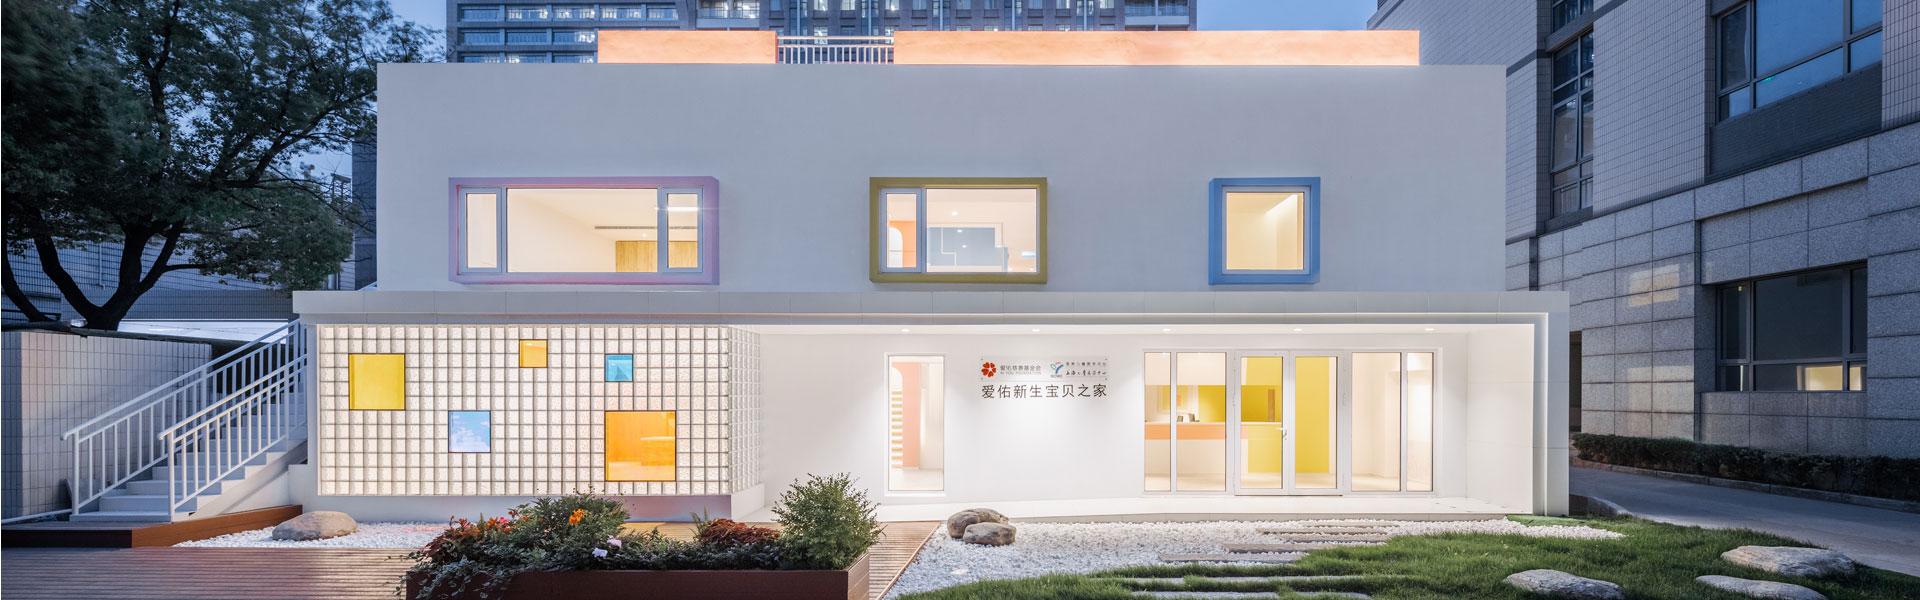 上海爱佑新生宝贝之家儿童医学中心效果图